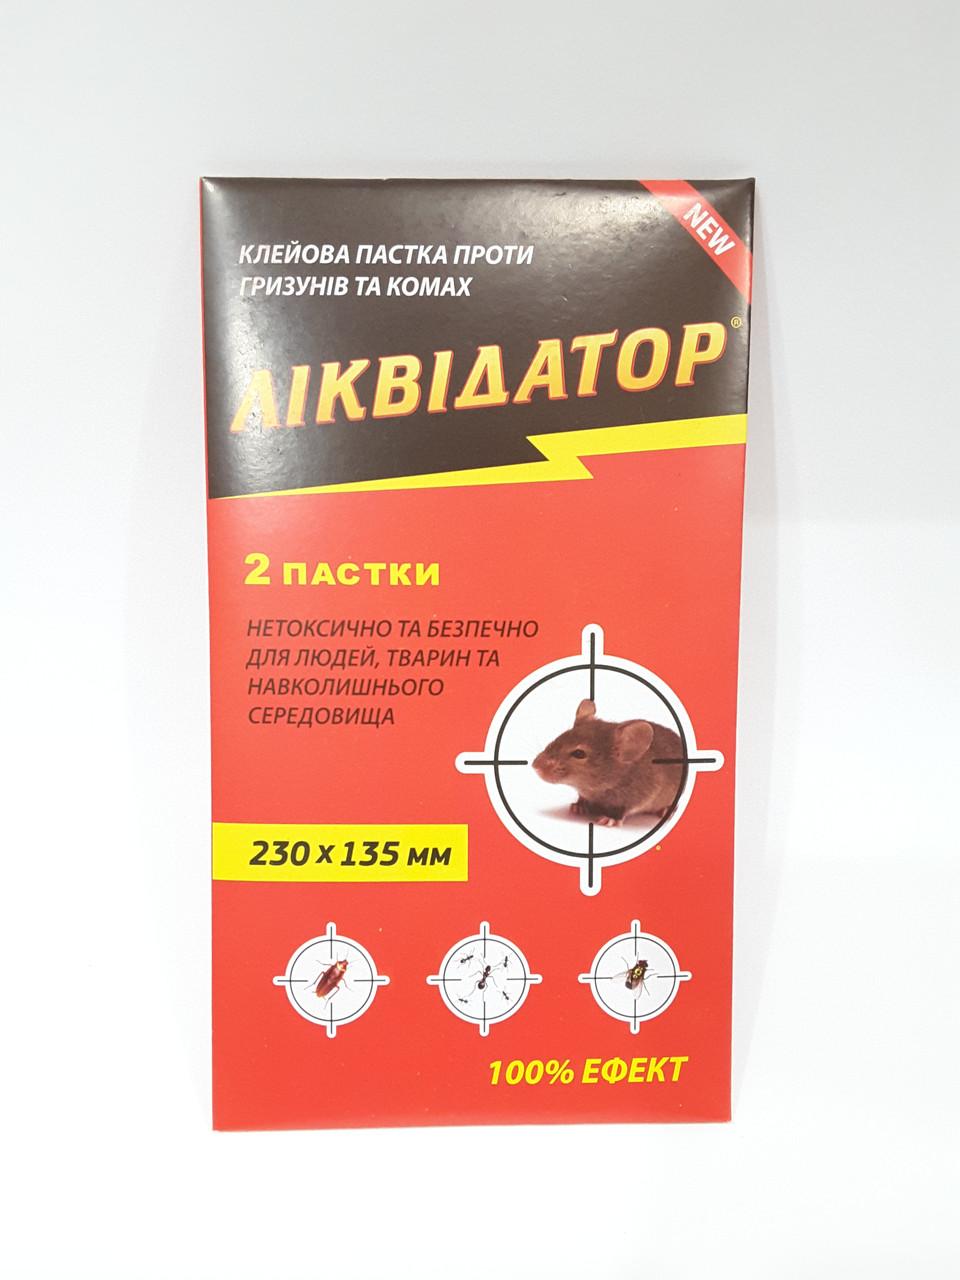 Ловушка клеевая против грызунов и насекомых «Ликвидатор», 2 ловушки 230х135 мм